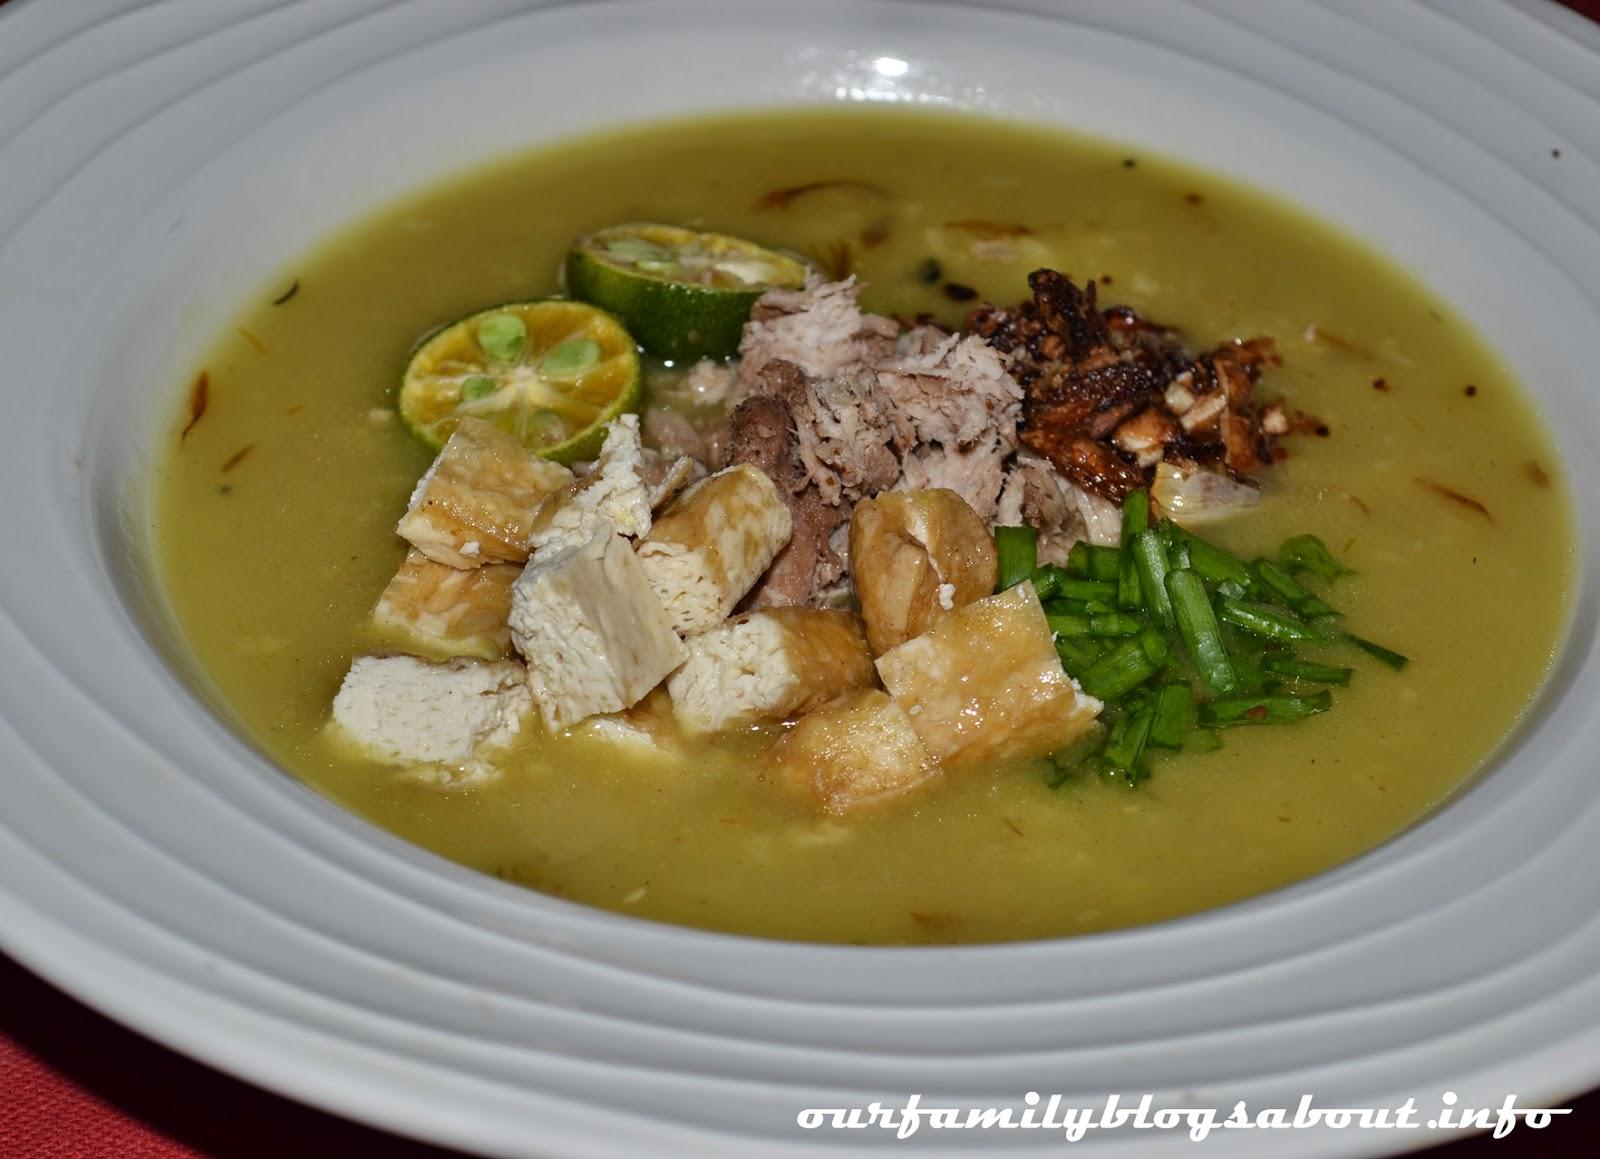 Oatmeal, Arrozcaldo, rice porridge